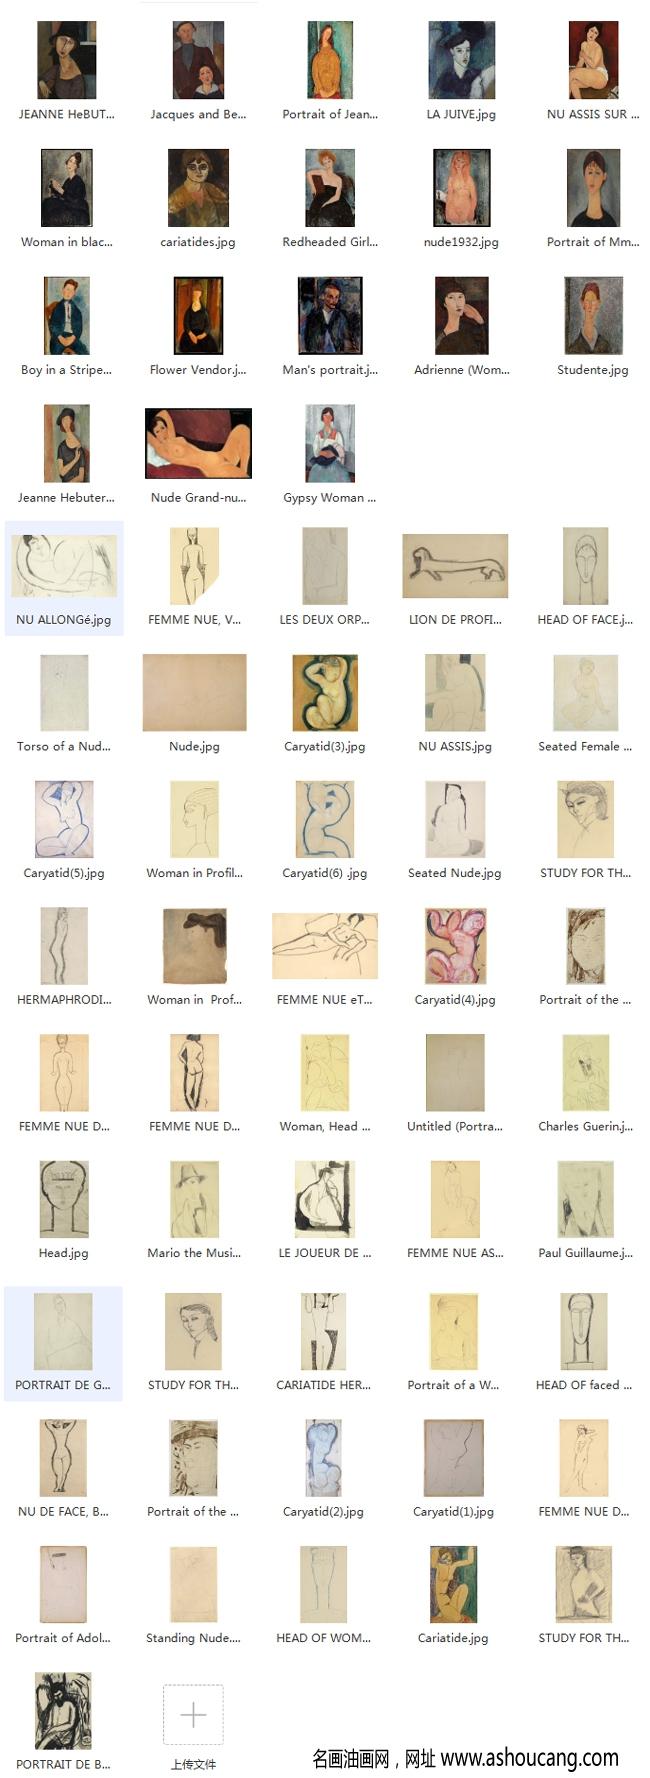 莫迪里阿尼超高清名画合集百度云网盘下载